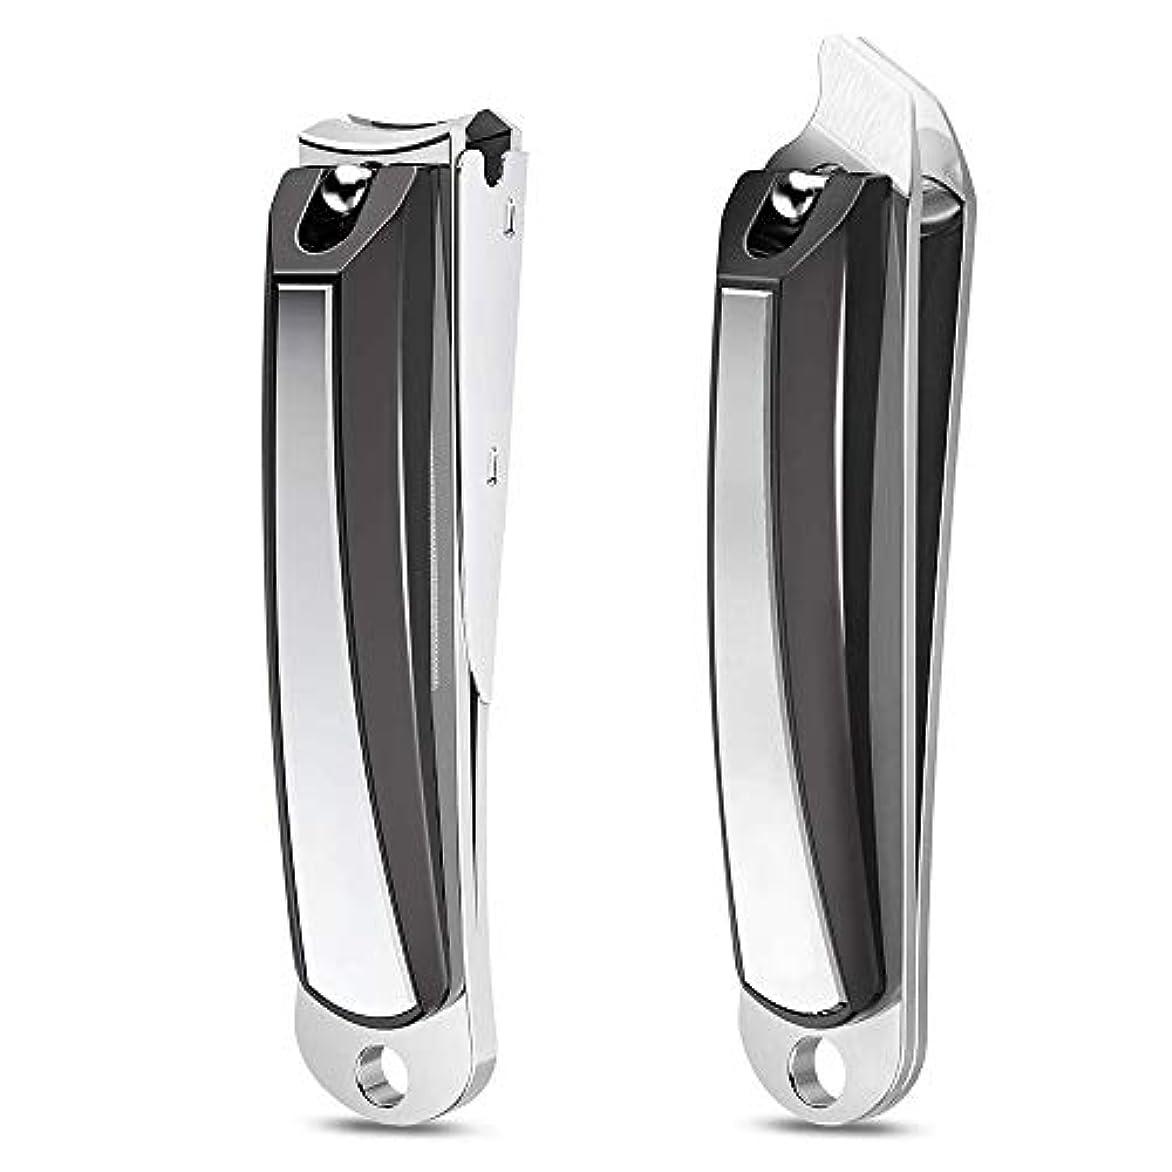 欠点責める大工2本セットガラス製爪やすり レザー収納袋付き 手足用爪切り カバー付き ステンレス鋼製